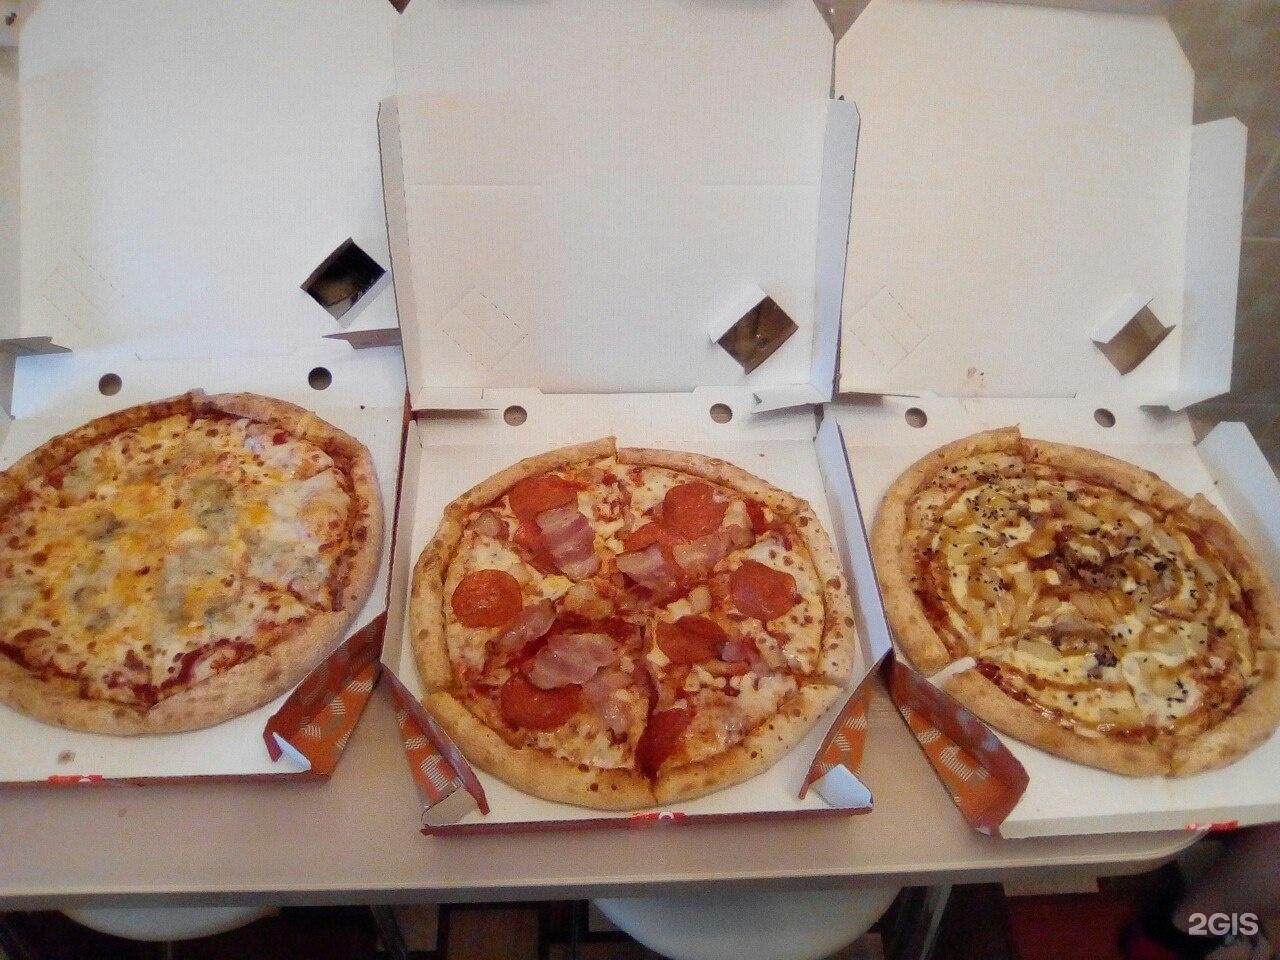 Компания «мега-пицца» осуществляет деятельность в каменске-уральском и расположена по адресу – олега кошевого перед посещением рекомендуем позвонить по телефону +7 () , отзывов пока нет.